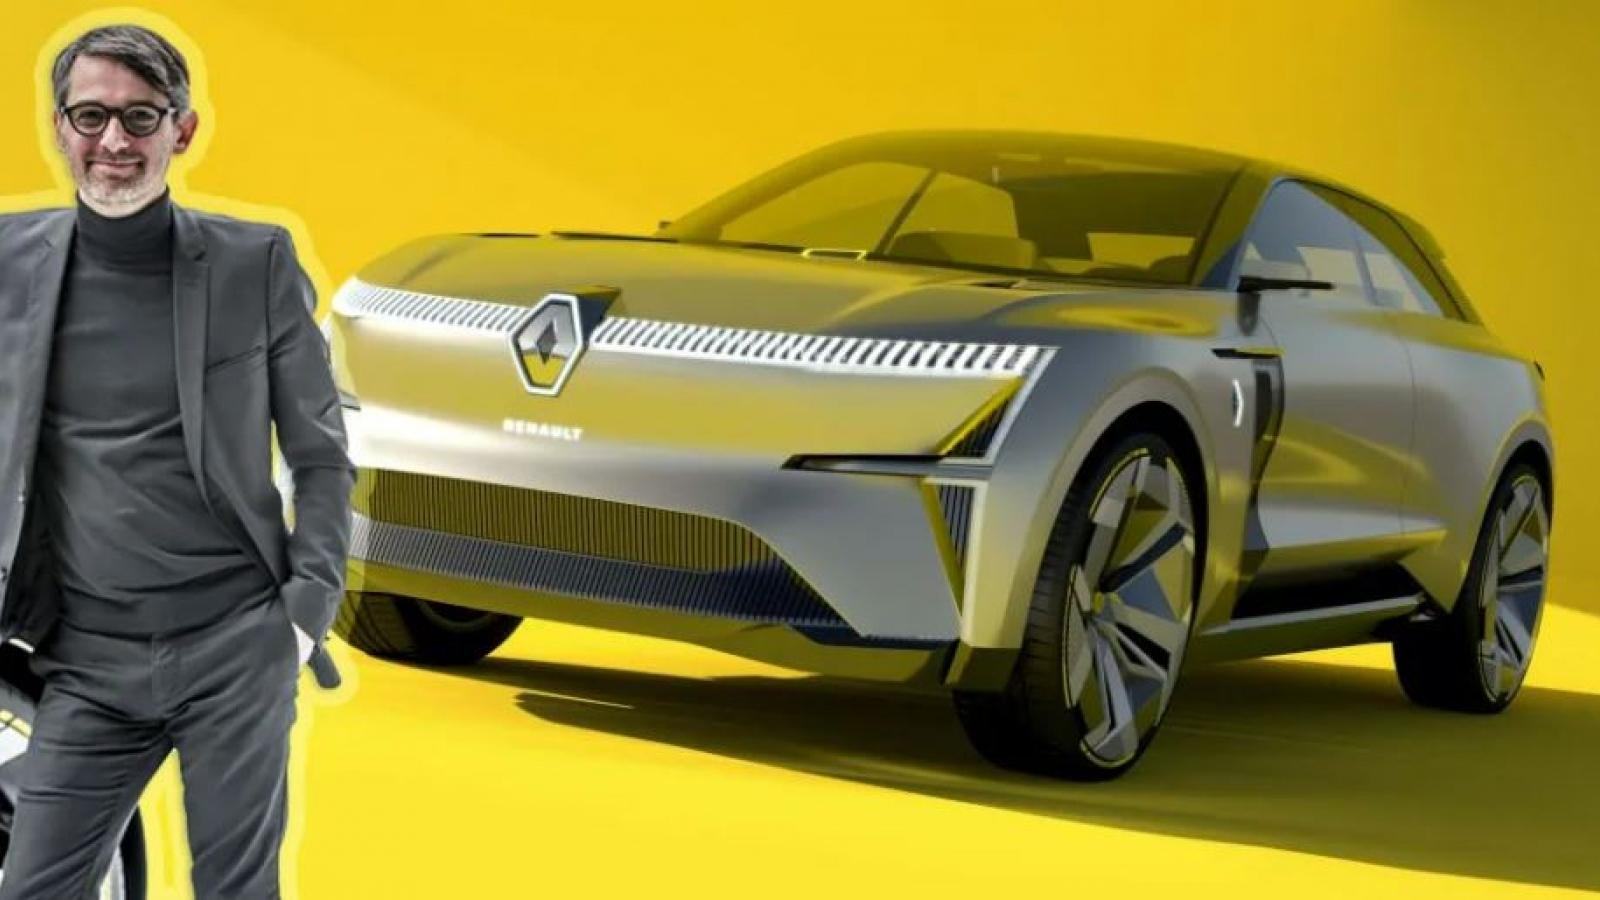 Nhà thiết kế xe concept của Renault trở thành Thiết kế trưởng của Fiat và Abarth